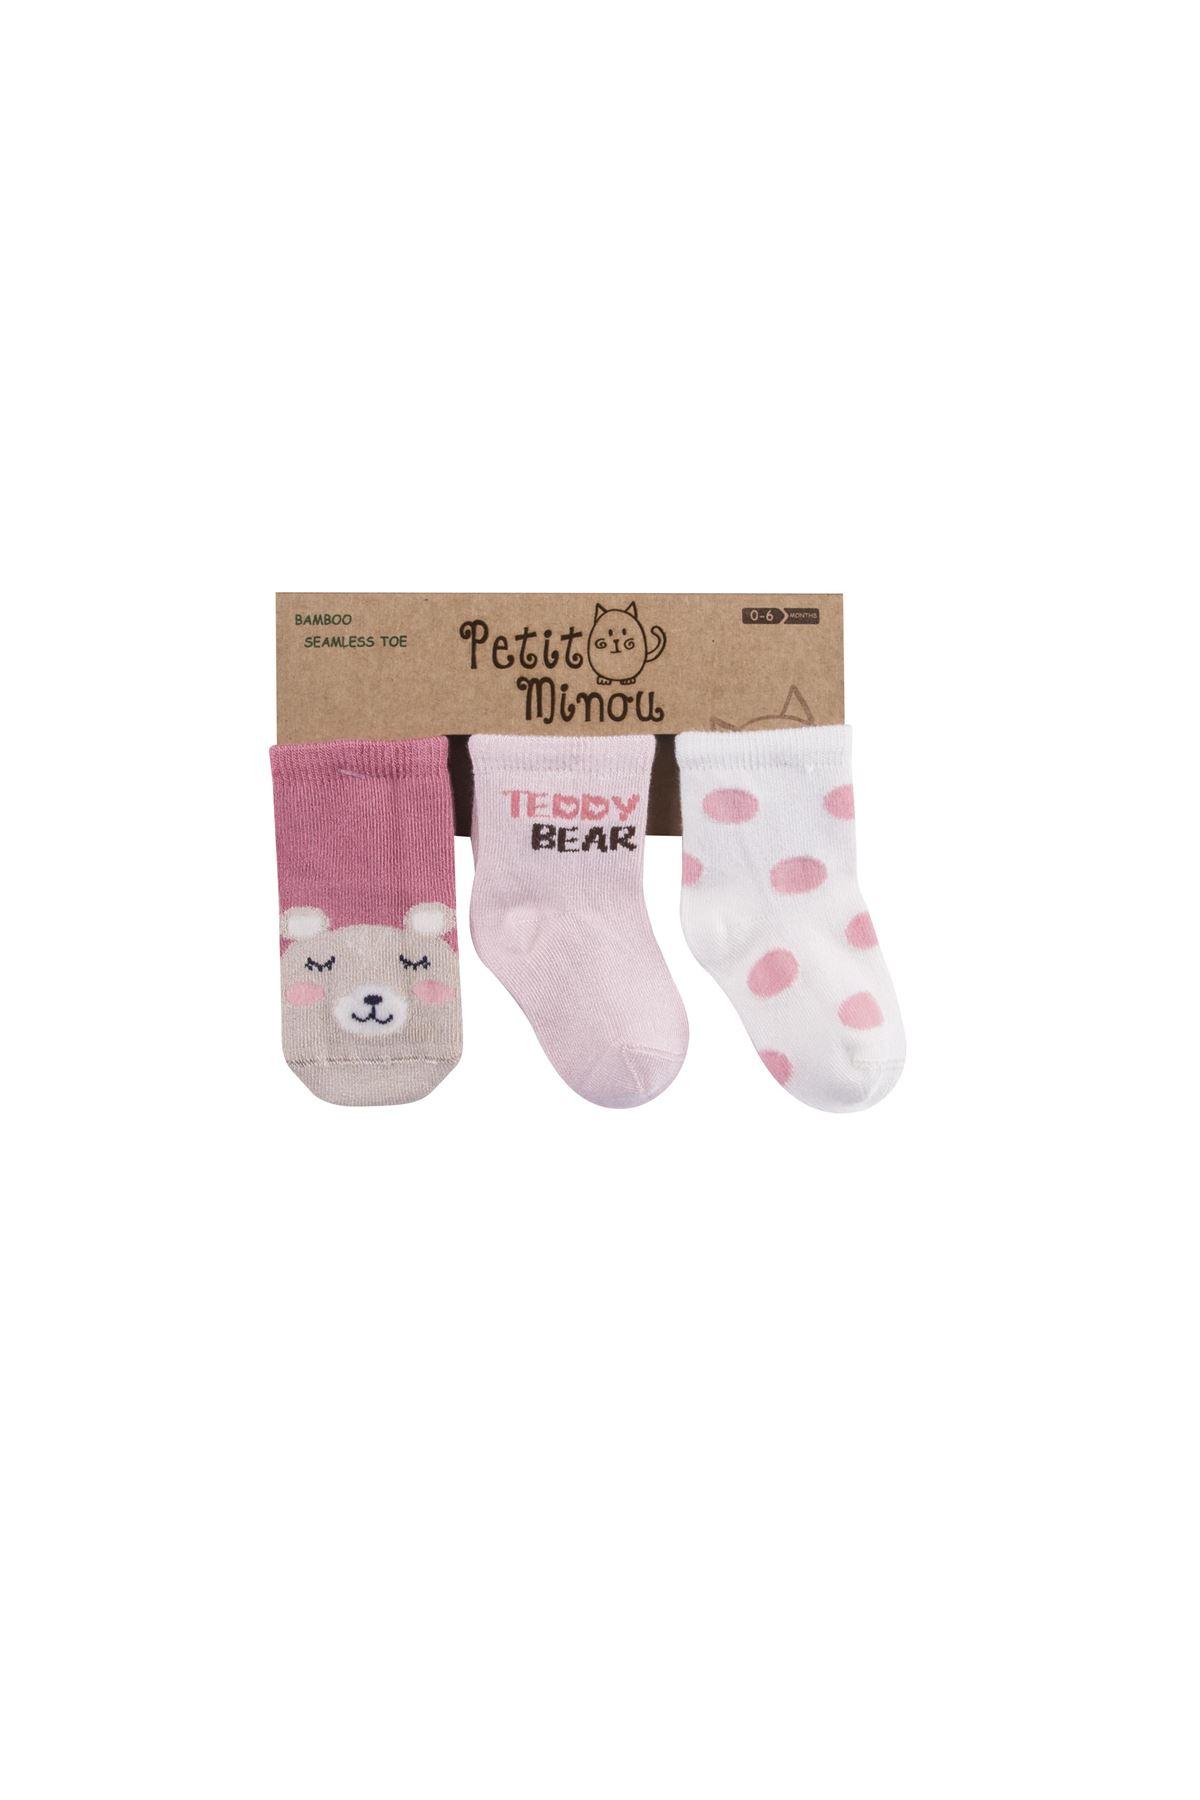 Step 3lü Teddy Bear Soket Çorap 2111 Karışık Renkli